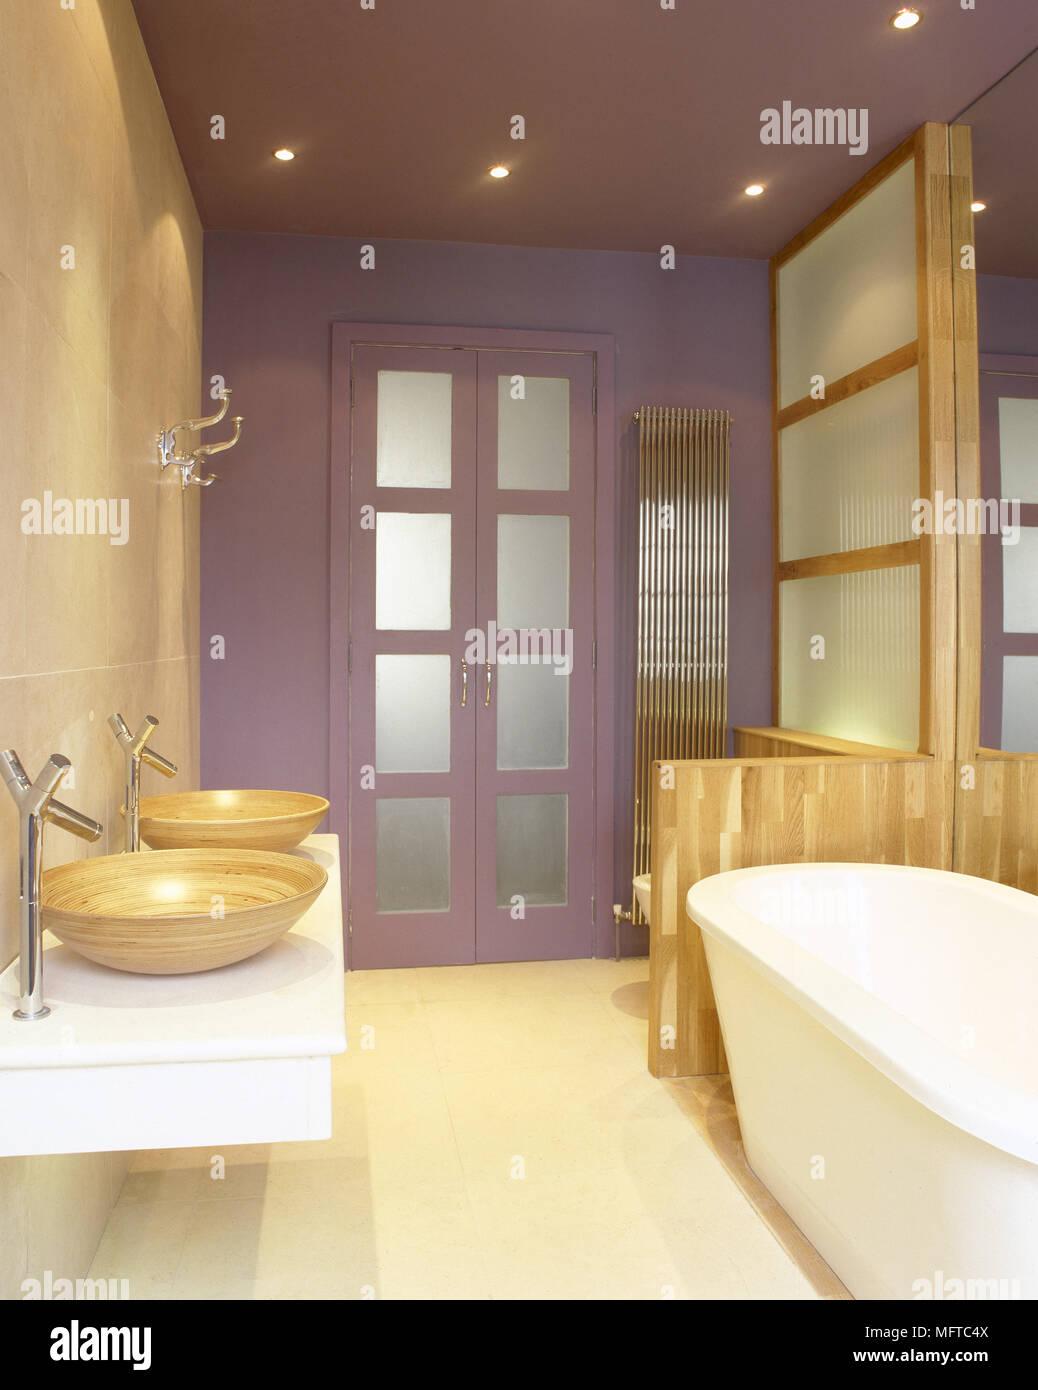 Moderno, bagno rivestito di piastrelle con lavandini in legno su un ...